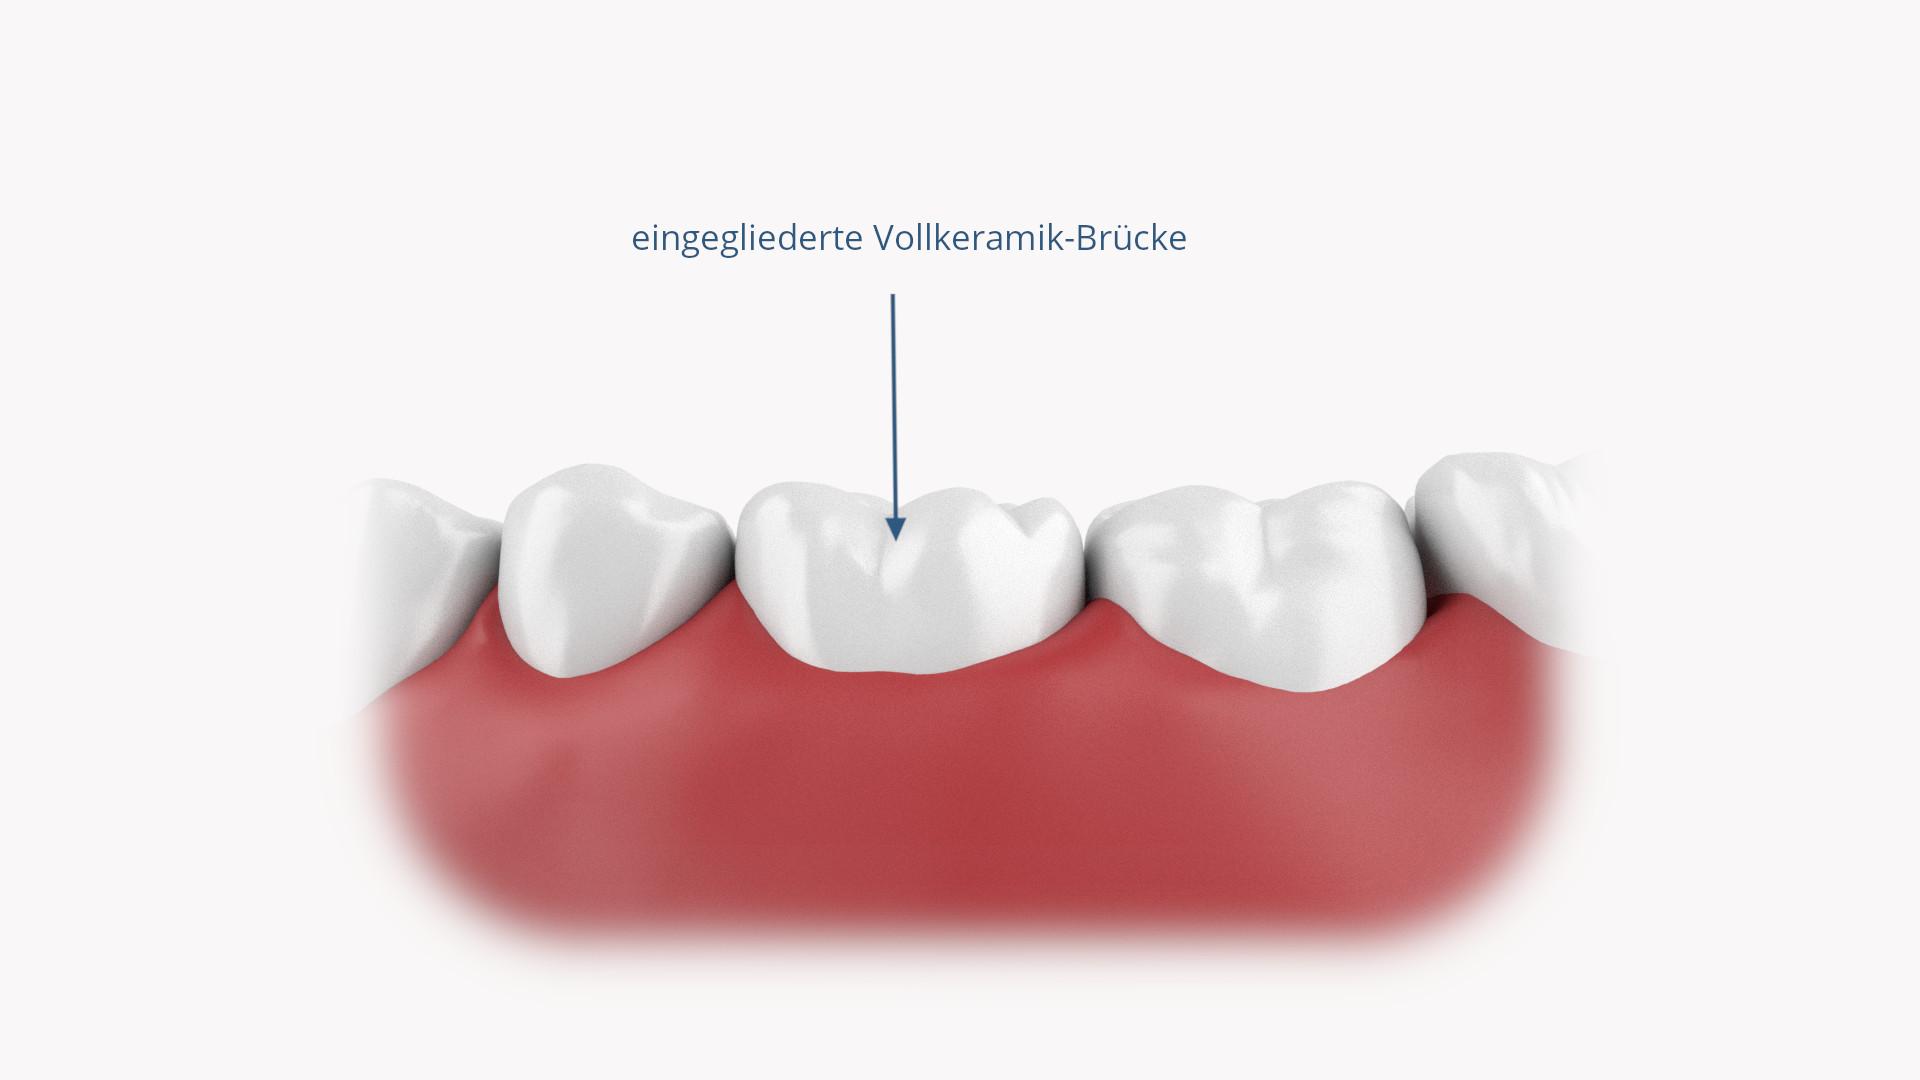 Eingegliederte Zahnbrücke